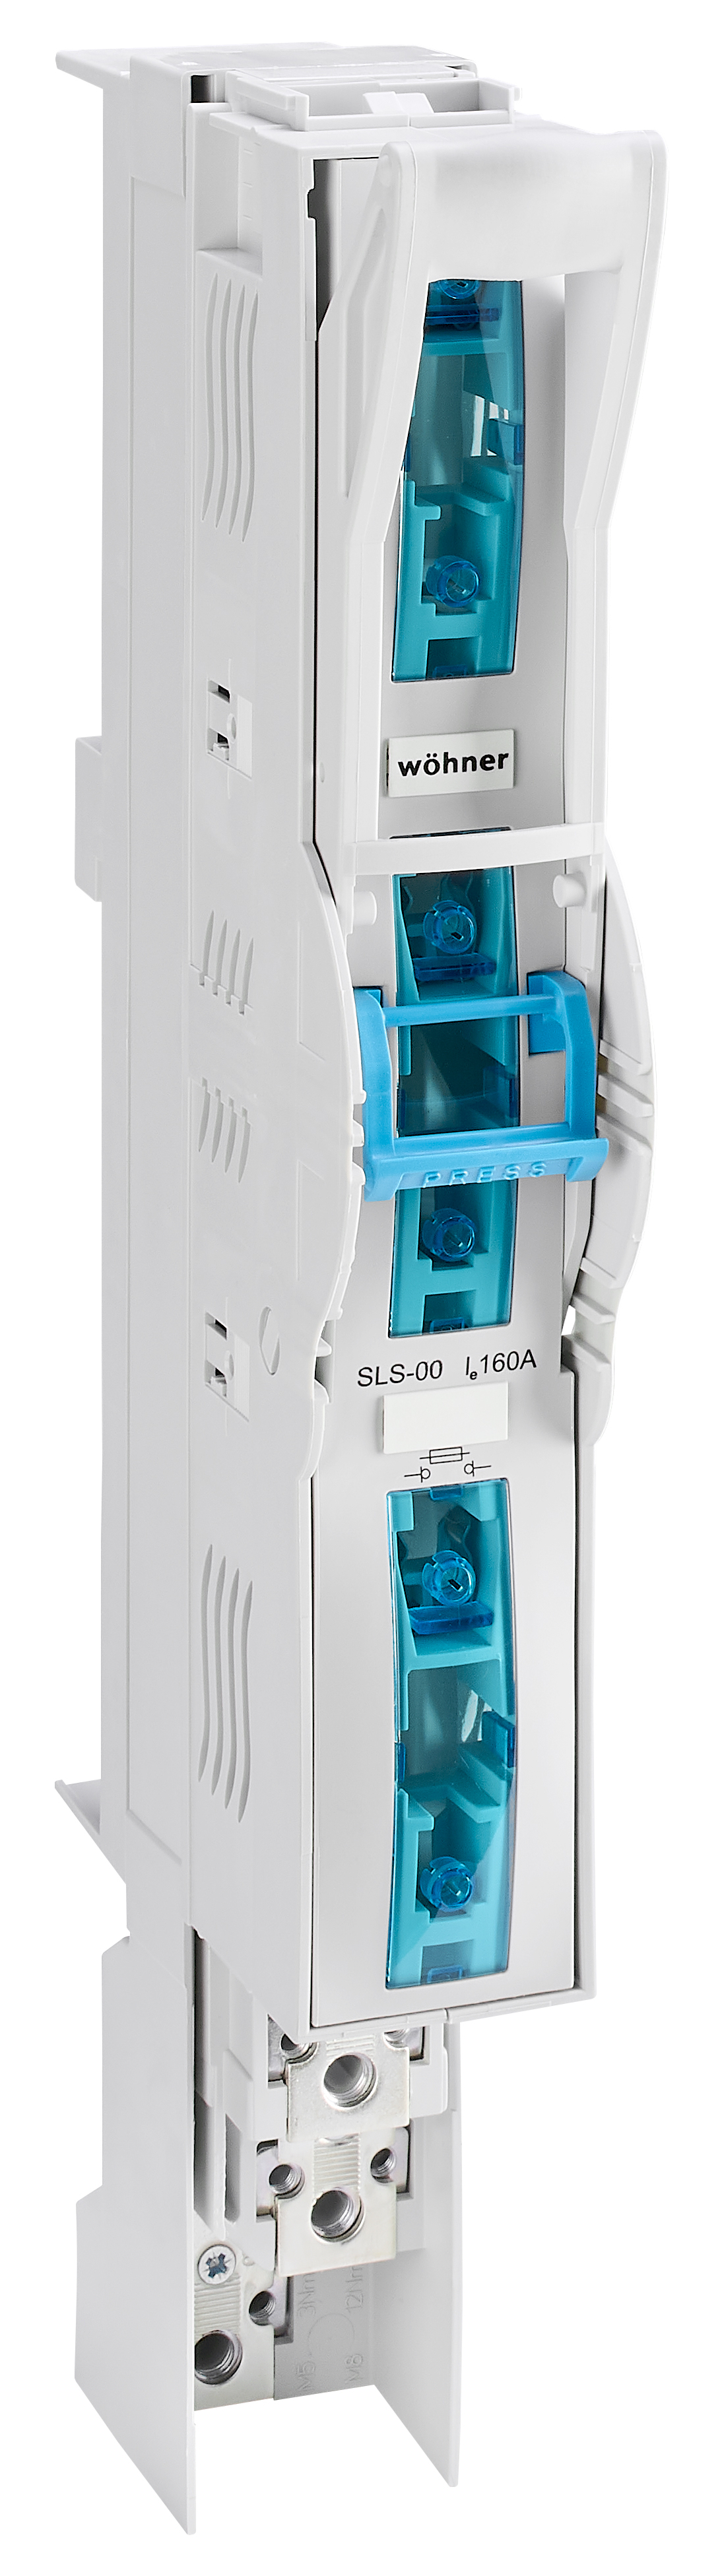 1 Stk 60mm-System, 3-polig schaltbar, Schelle/Schraube, 160A Gr.00 SI332340--